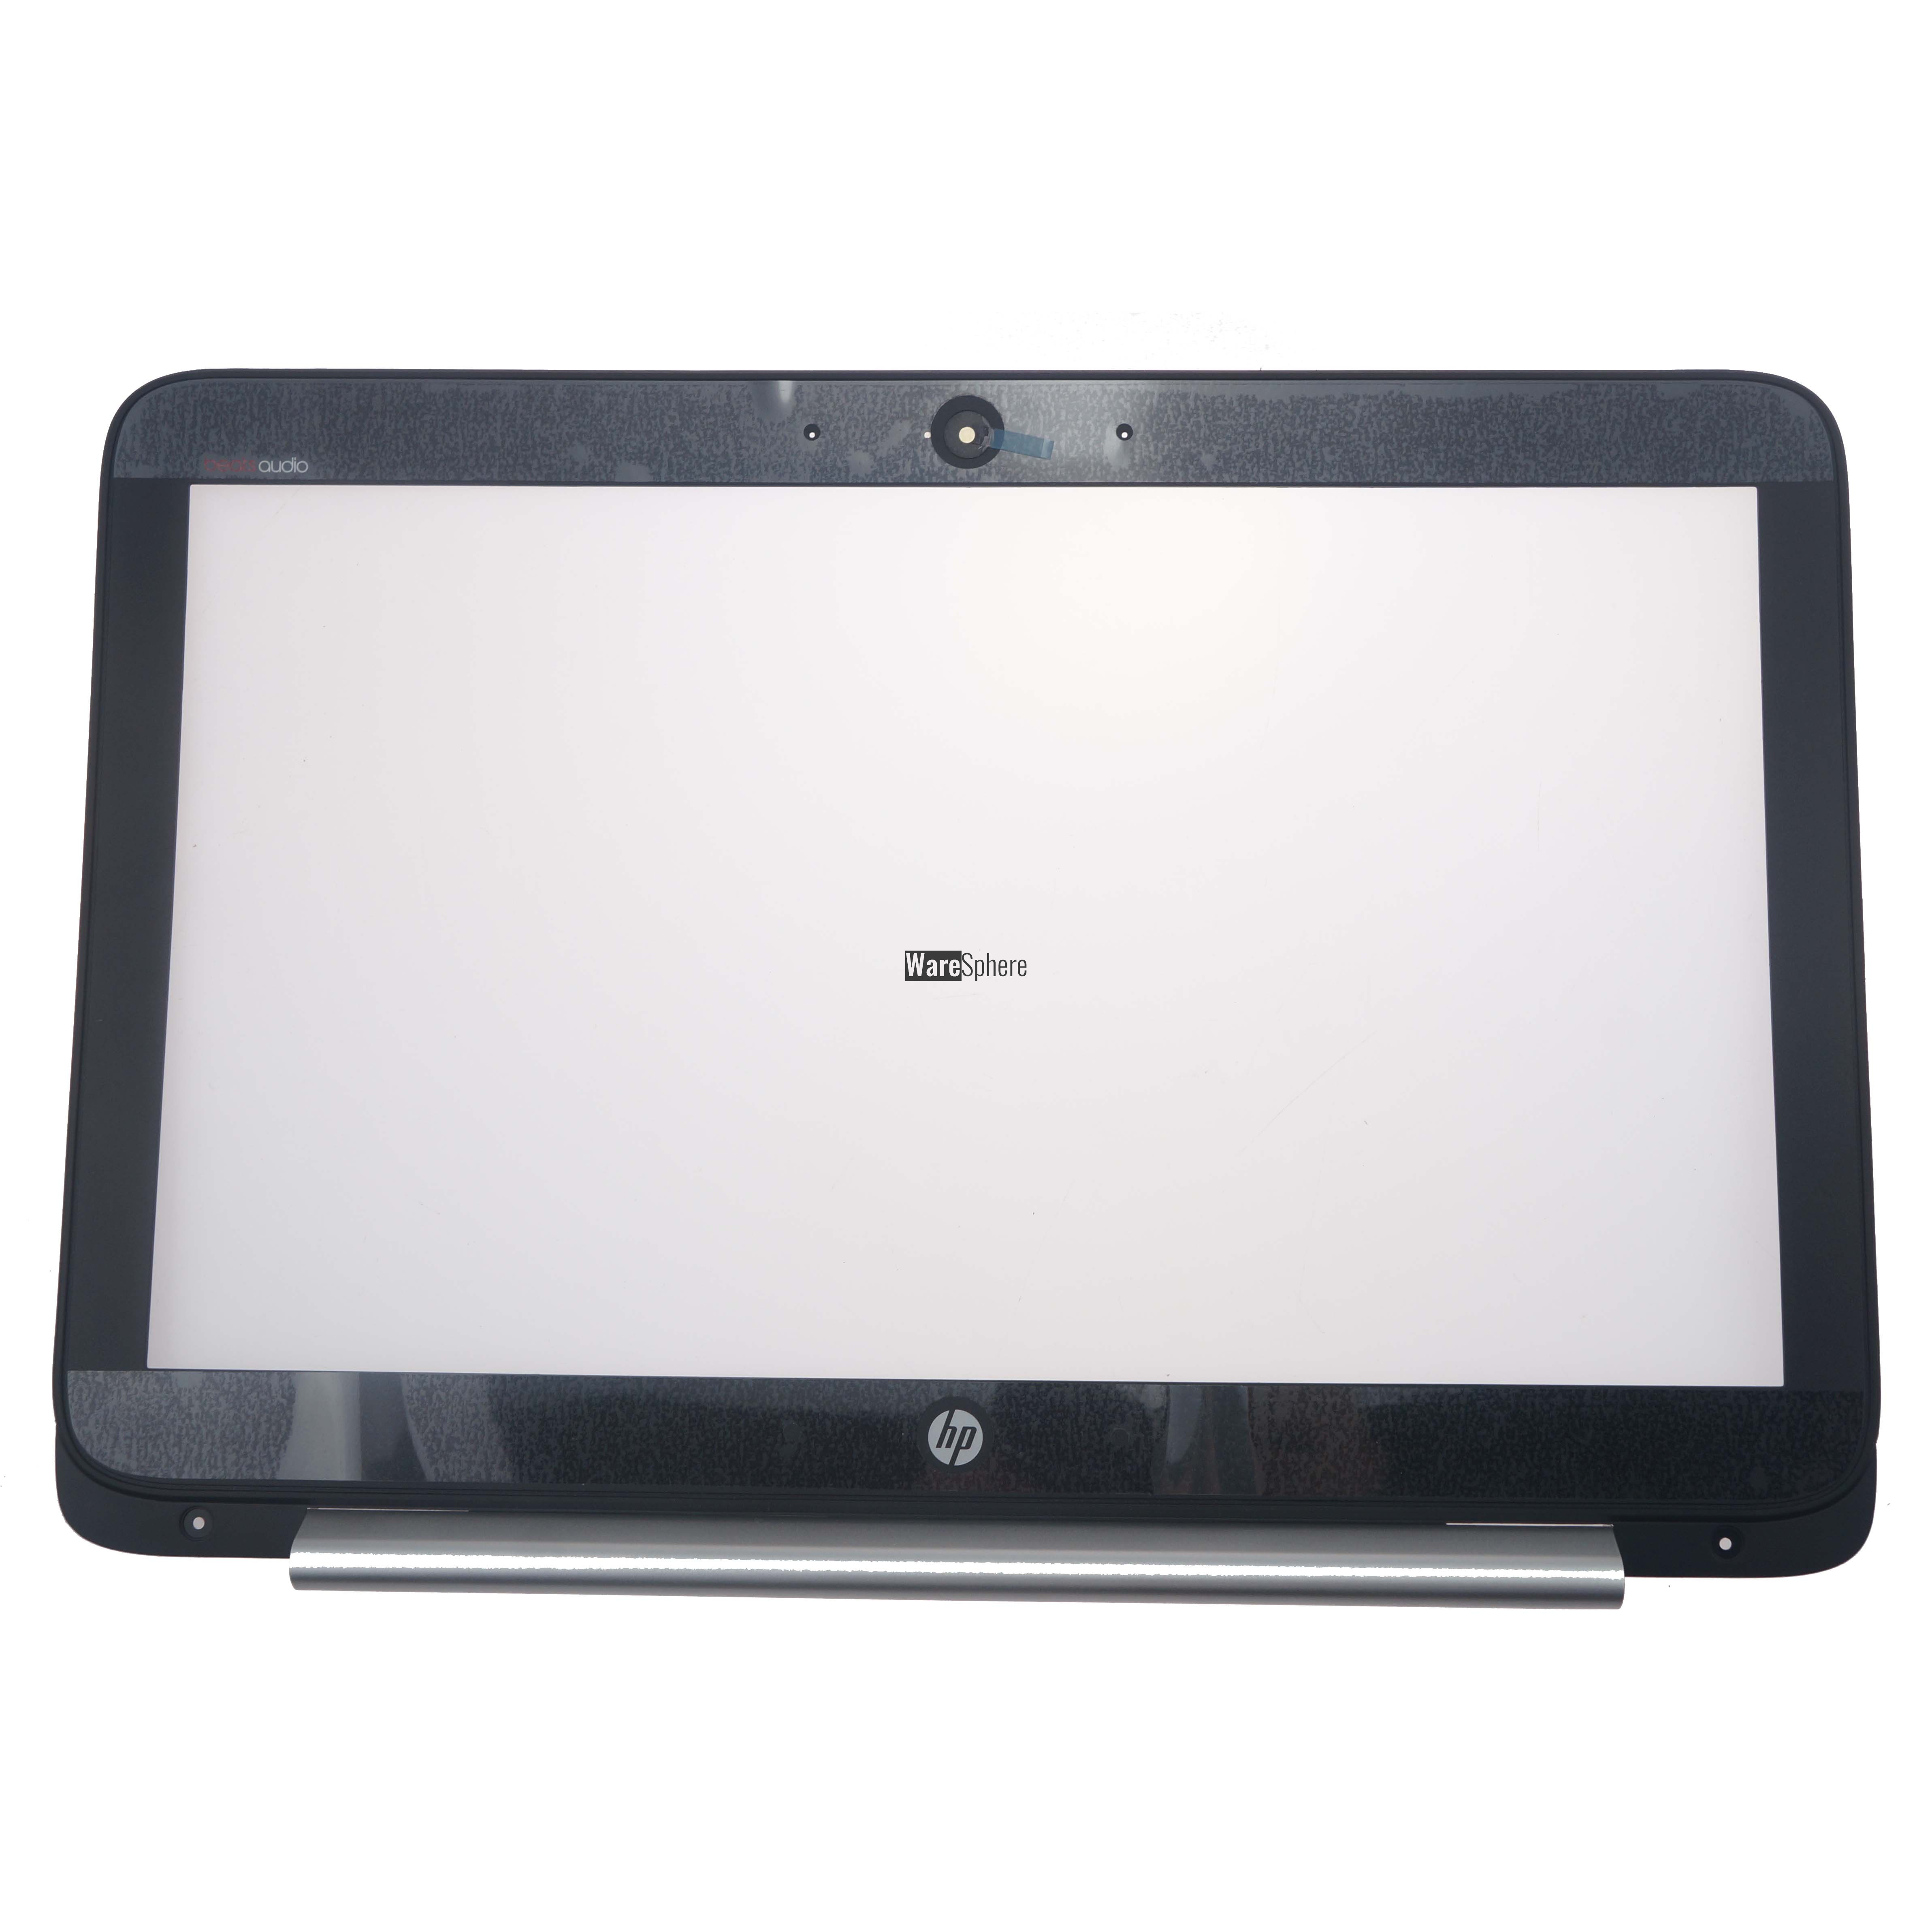 LCD Front Bezel for HP Envy 14-k AM0LD000903 727478-001 Black